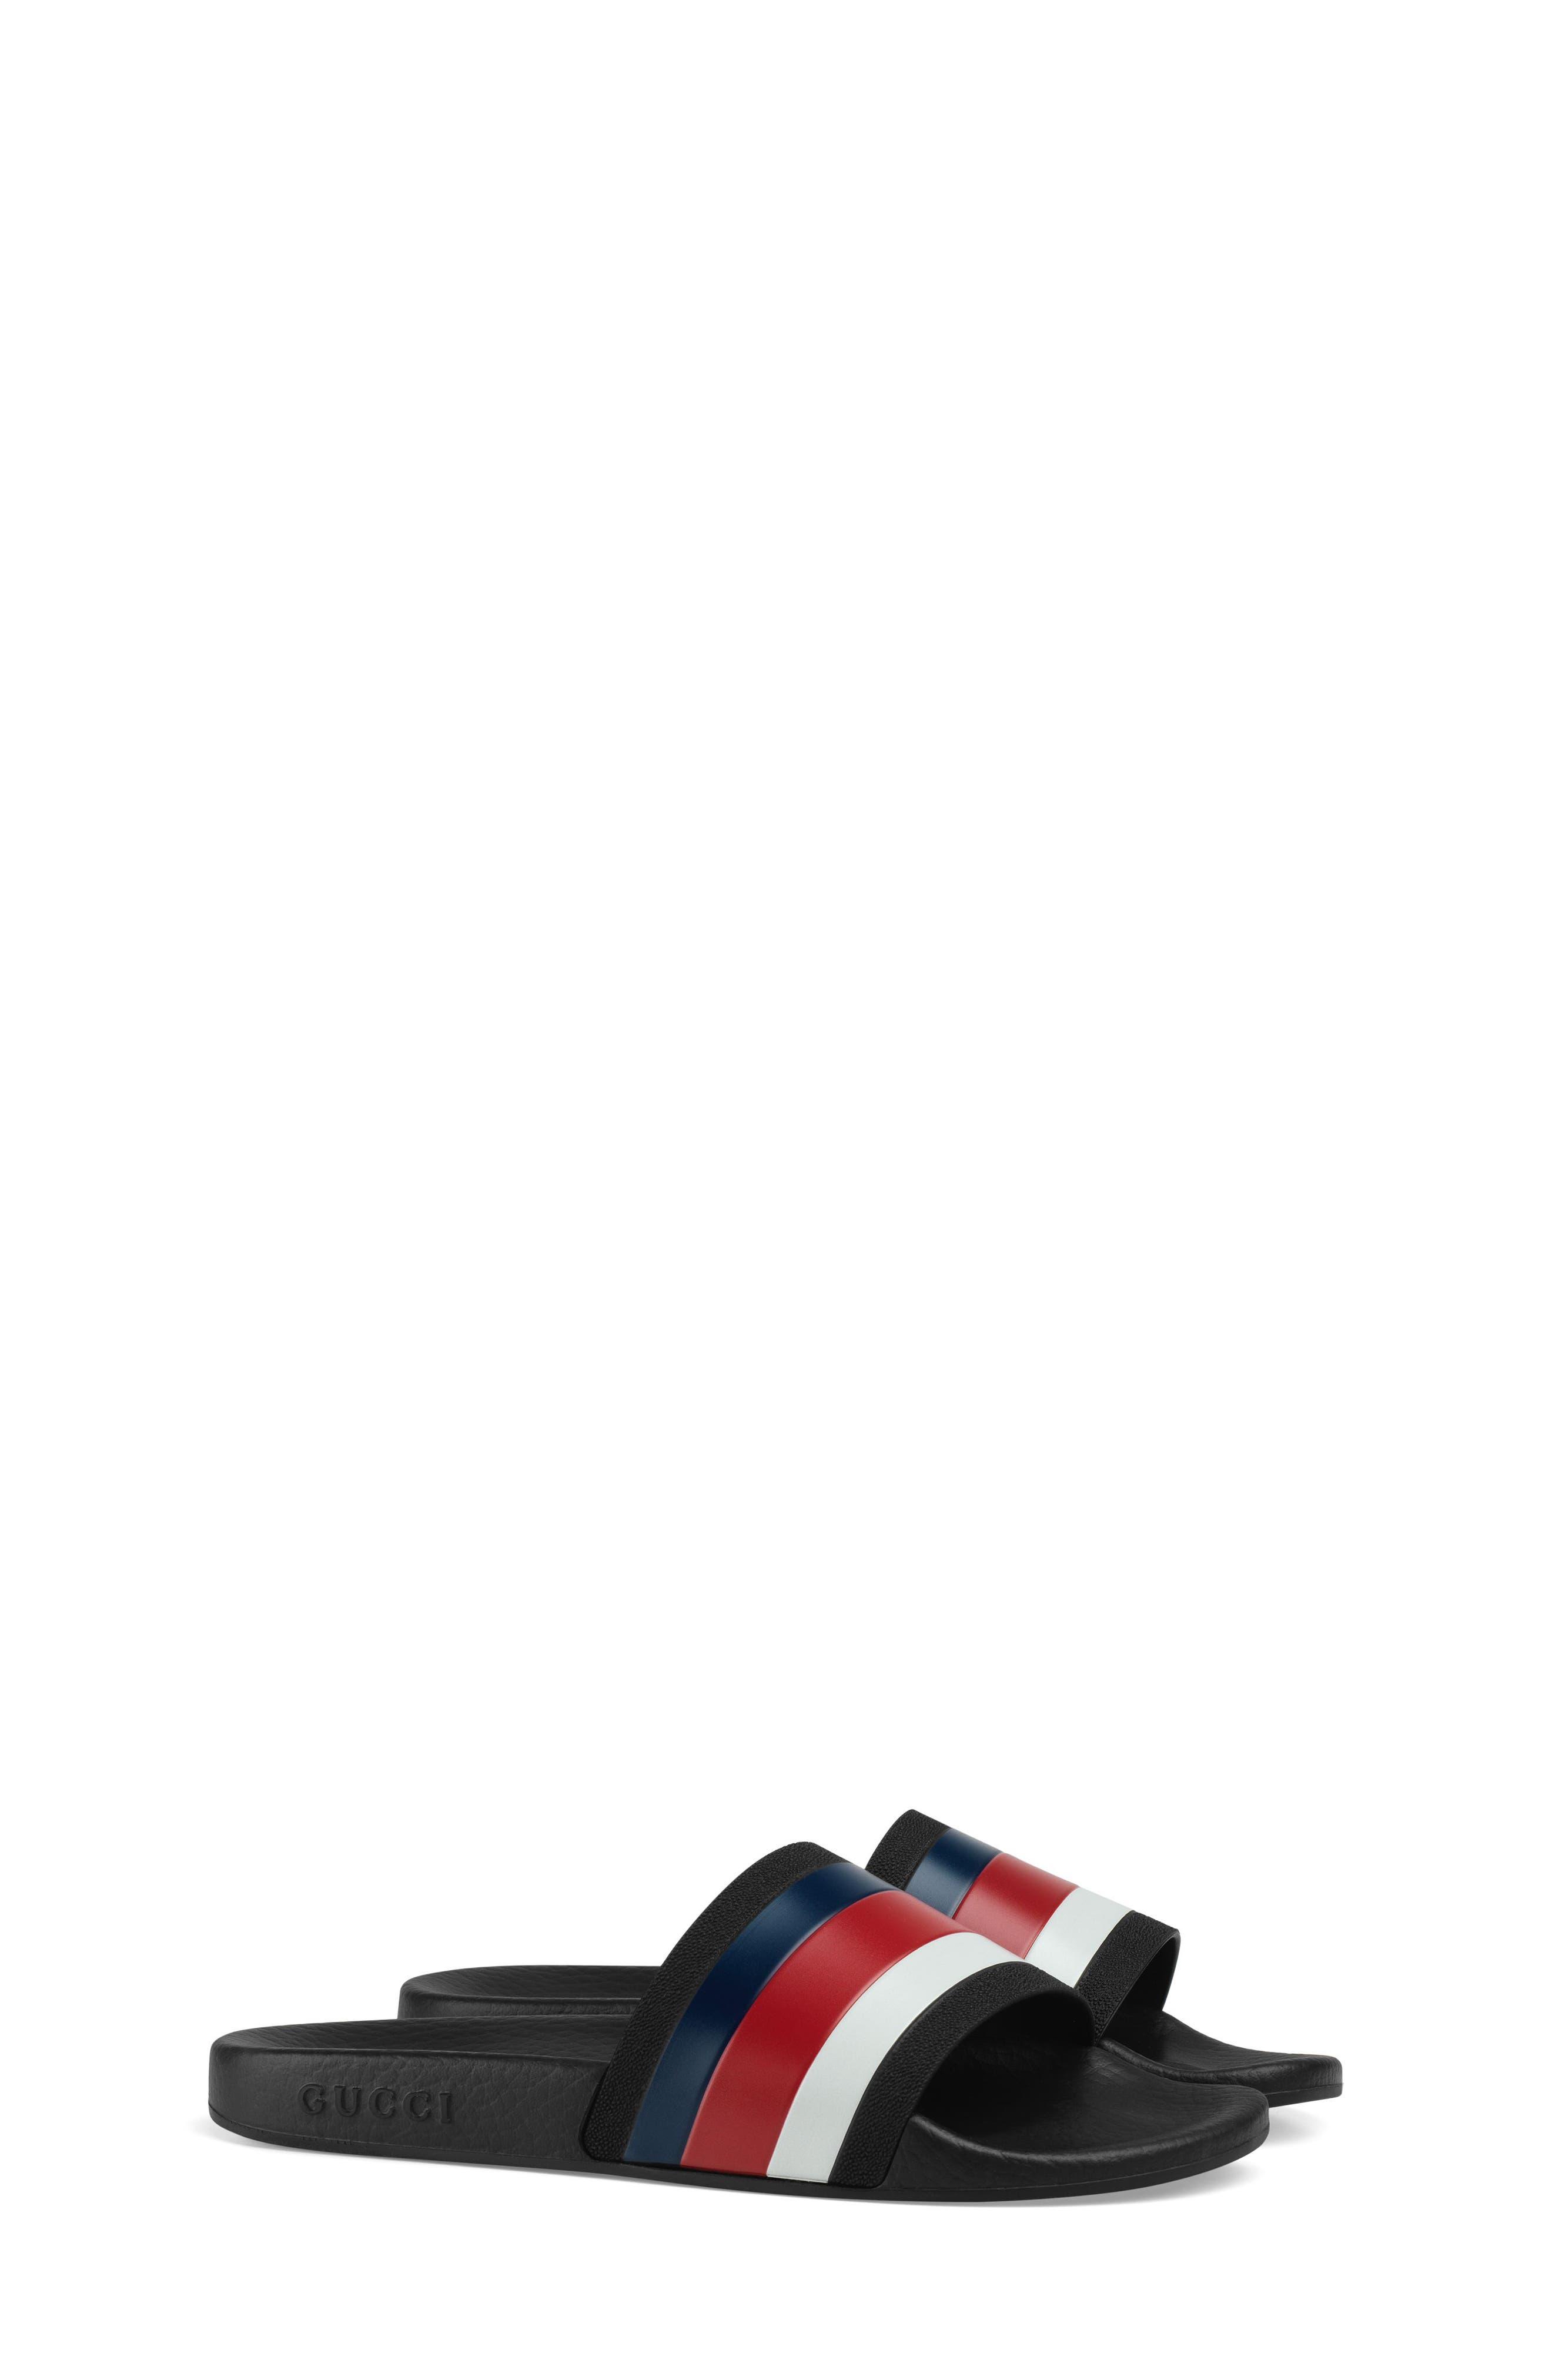 Pursuit Slide Sandal,                             Main thumbnail 1, color,                             Red/ White/ Blue